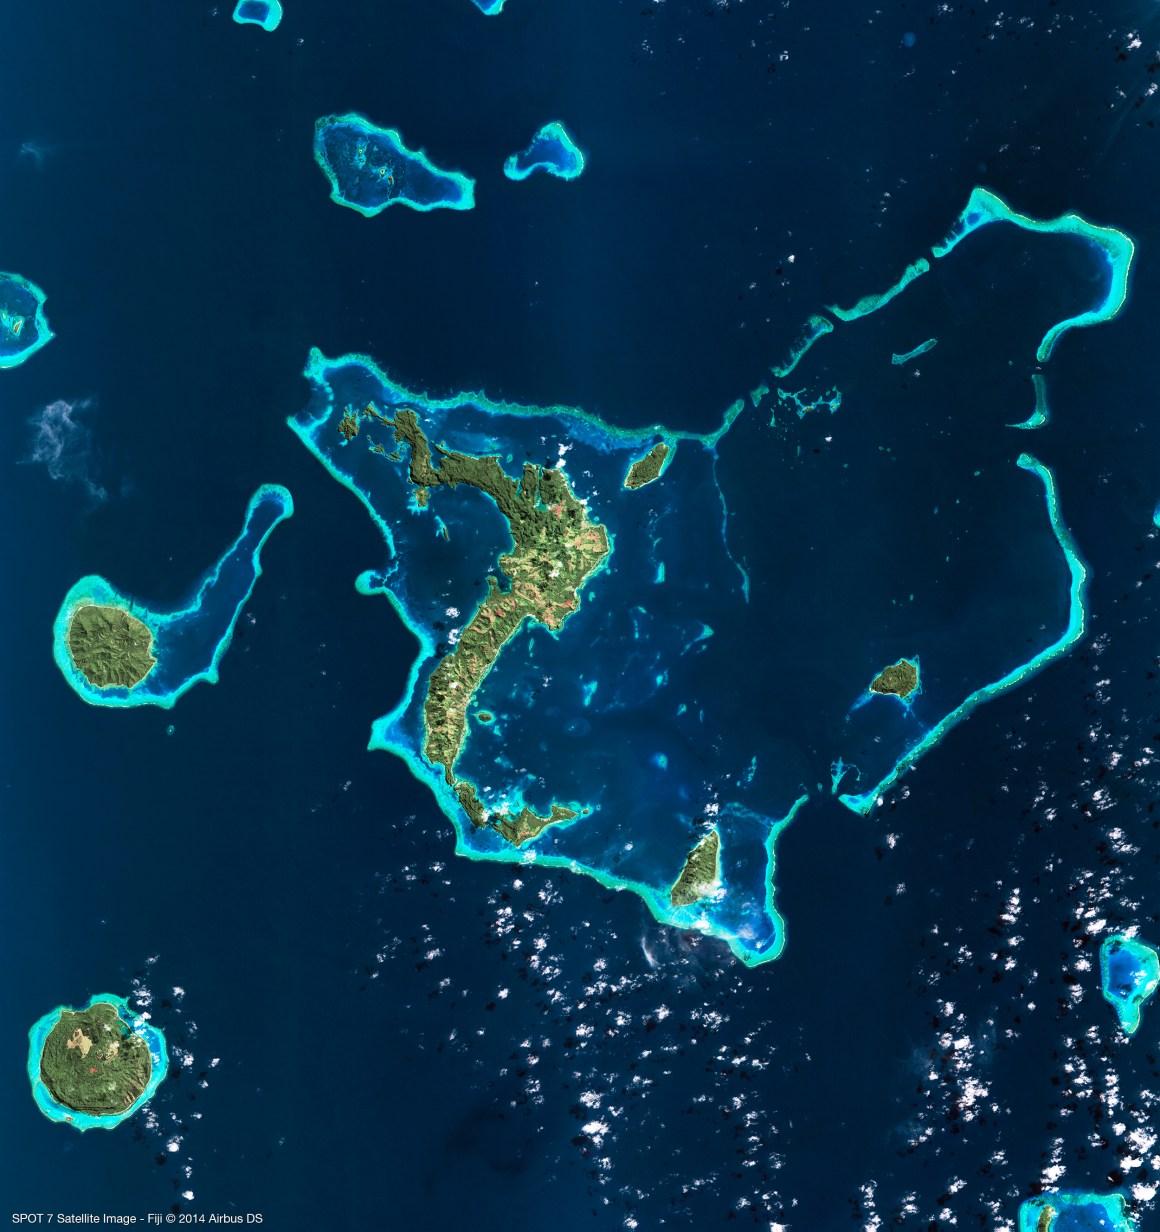 Image satellite SPOT 7 - Fidji - 03/07/2014 Résolution: 6m Copyright: Airbus DS/ Spot Image 2014